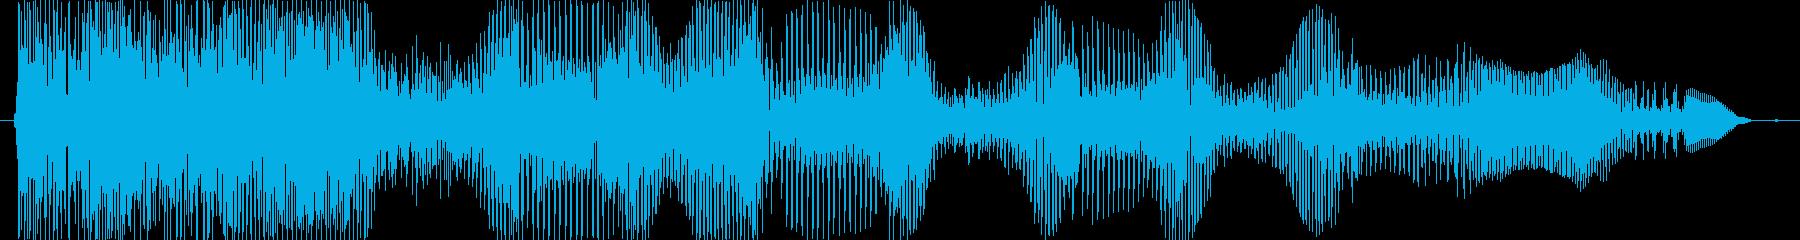 あはははっ♪の再生済みの波形